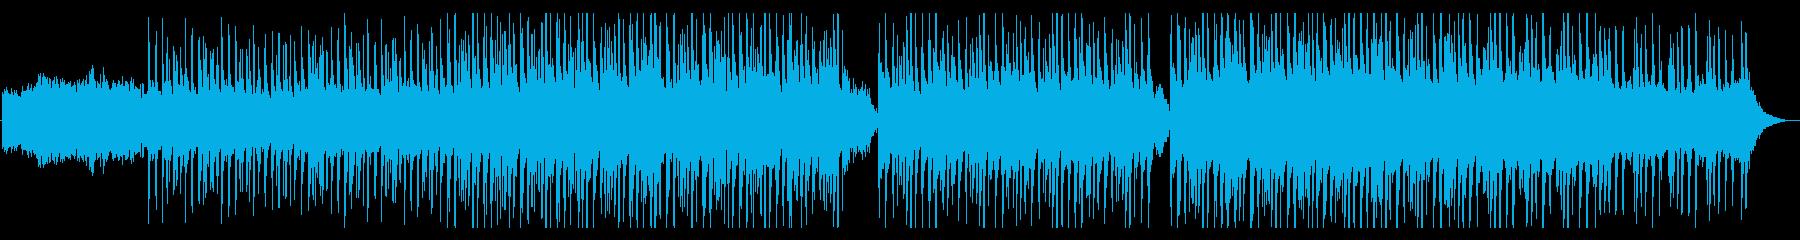 淡々と無機質エレガントなエレクトロの再生済みの波形